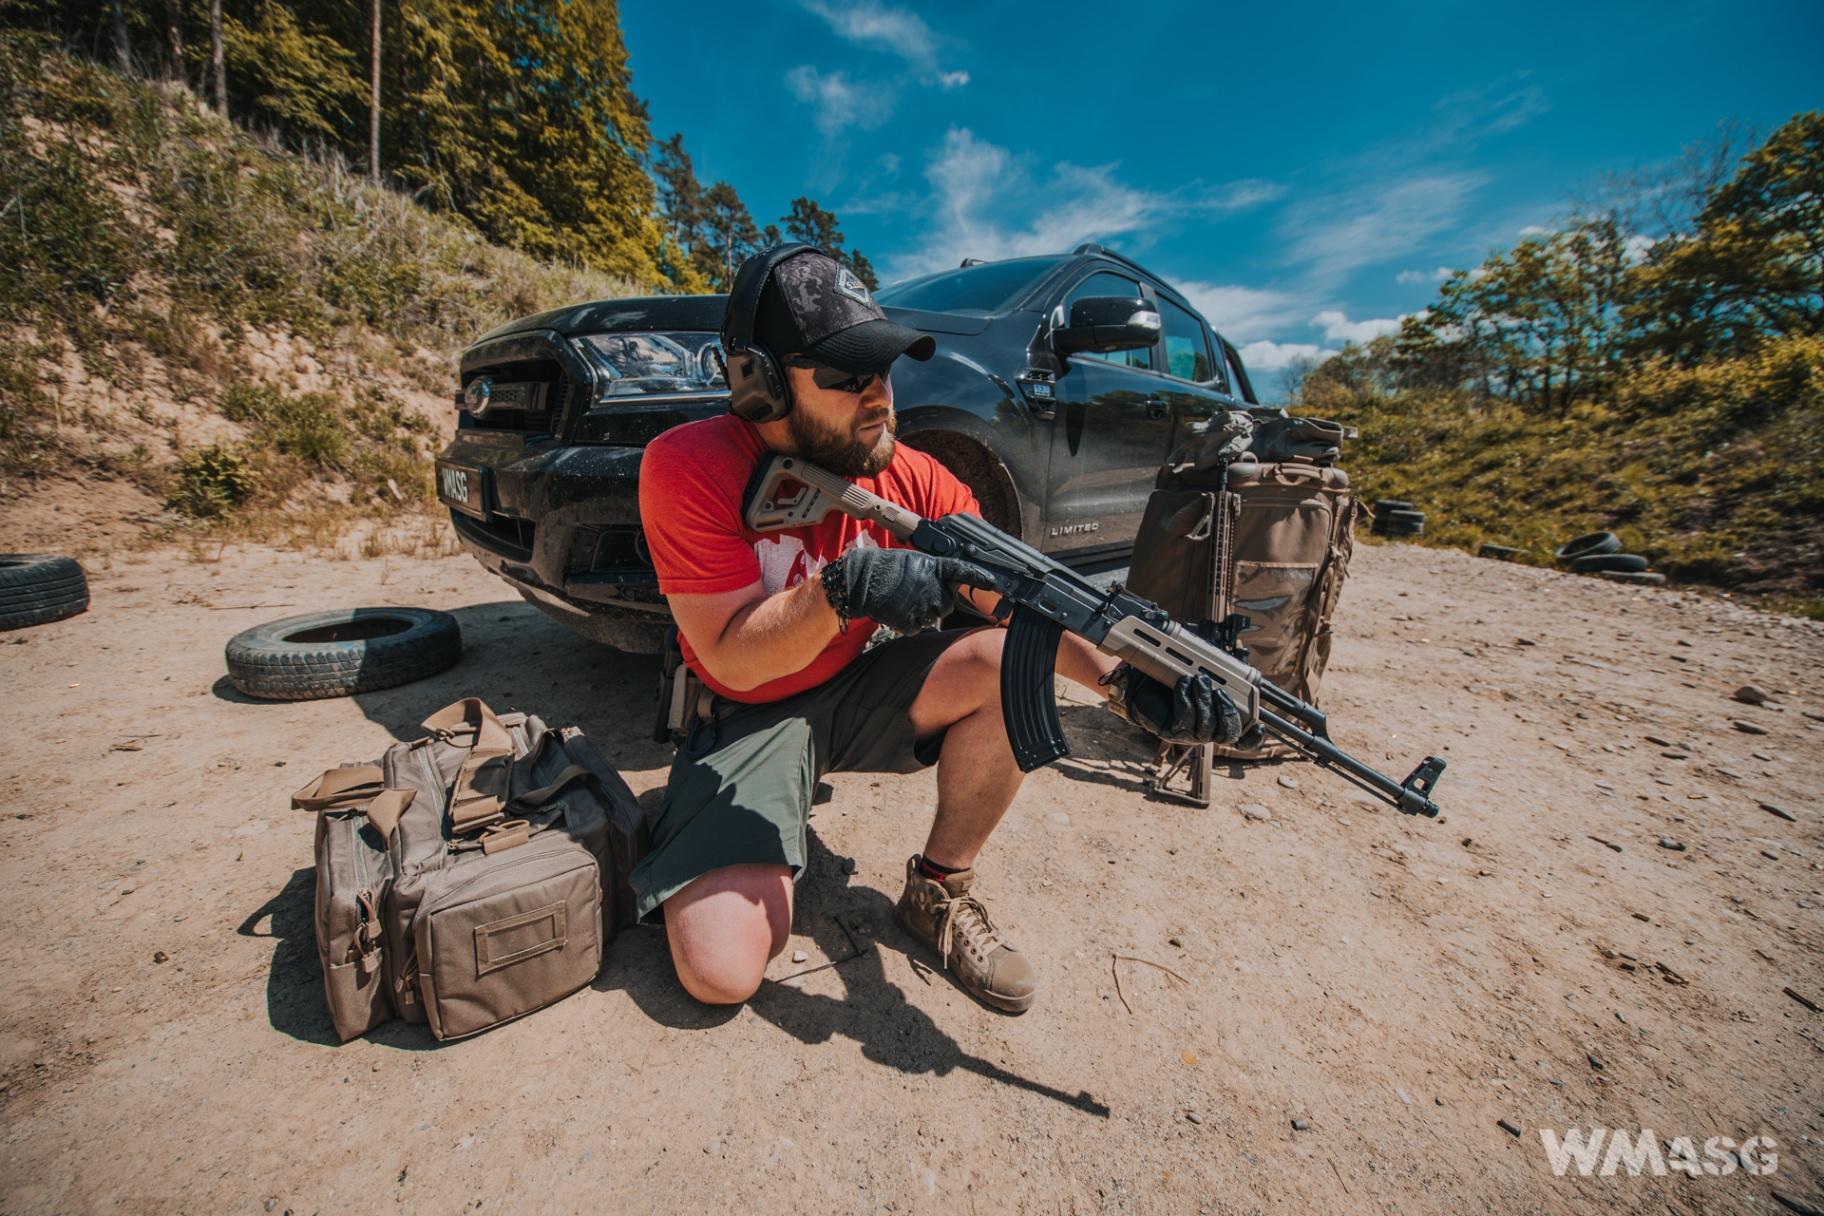 Dla chcącego uzyskanie pozwolenia na broń nie stanowi żadnego problemu!